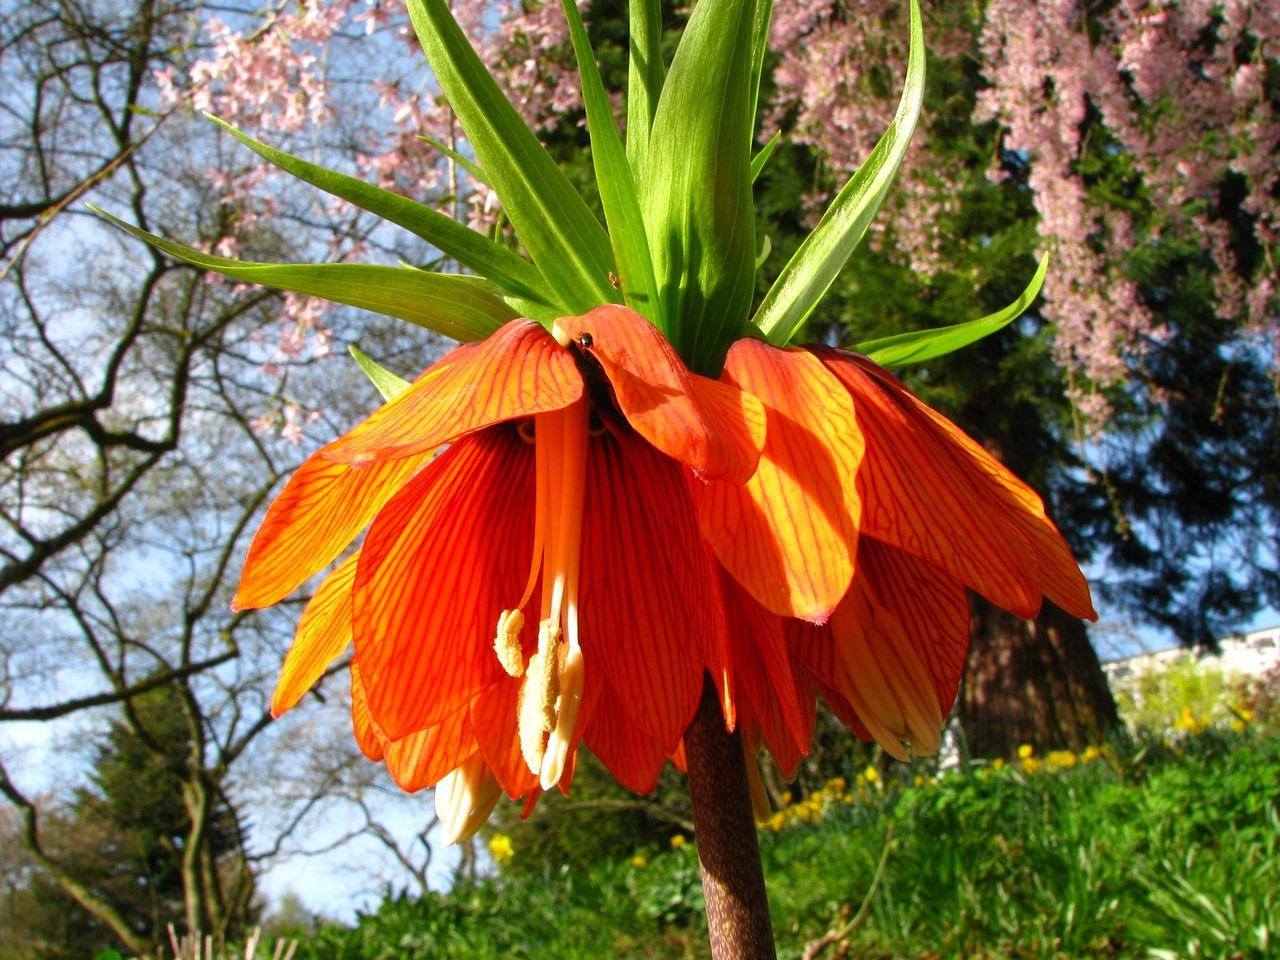 цветы царская корона фото руководство для приготовления